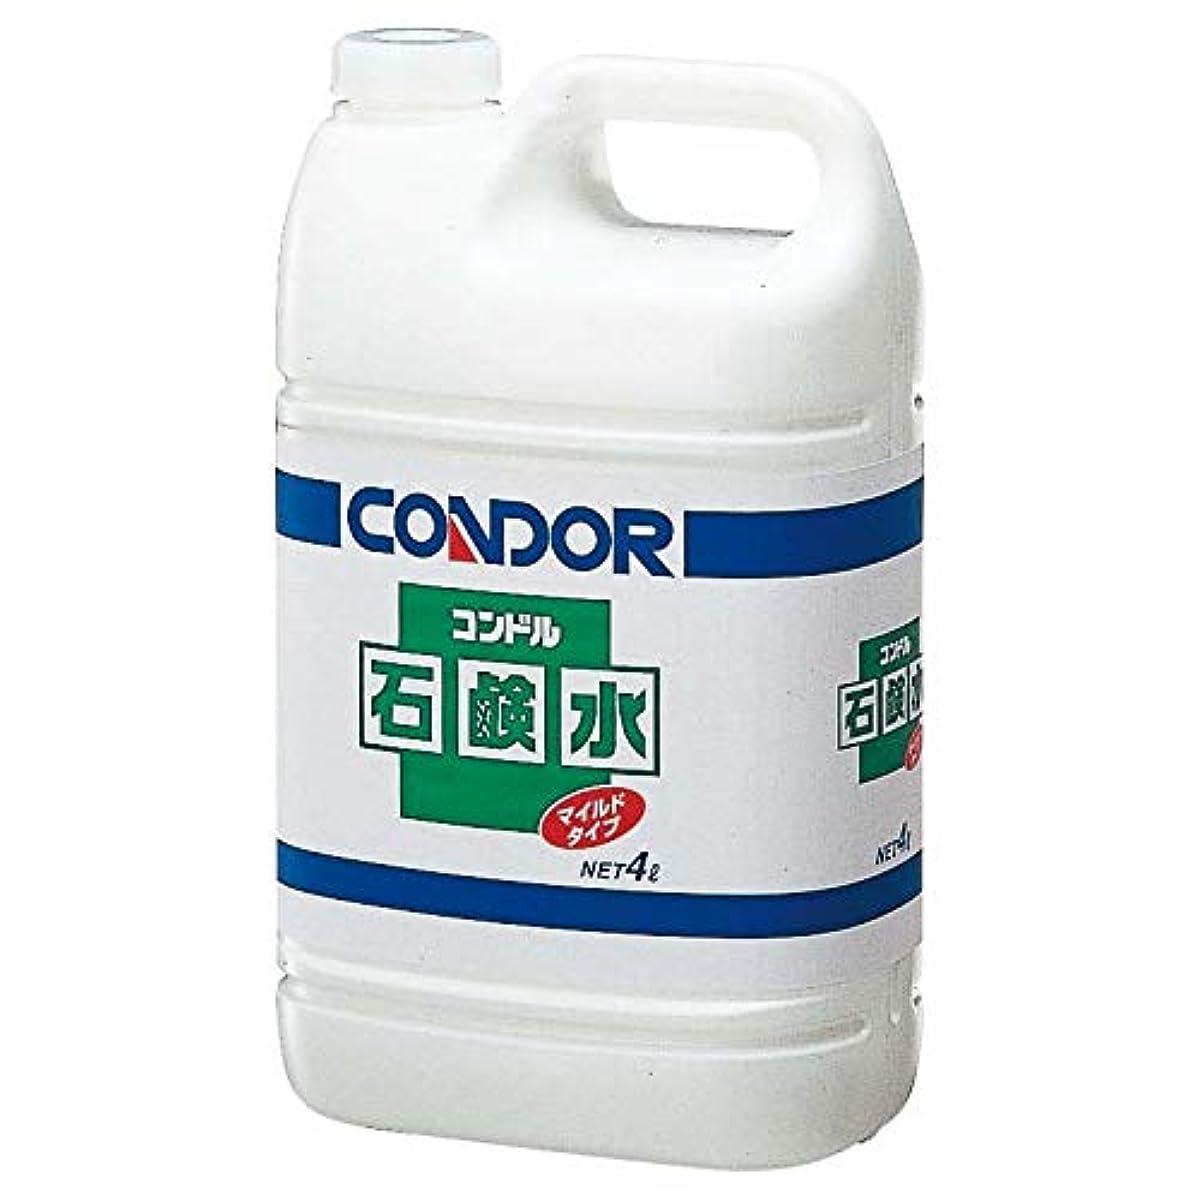 見込みサーキュレーション方法論【清潔キレイ館】コンドル 石鹸水(4L)